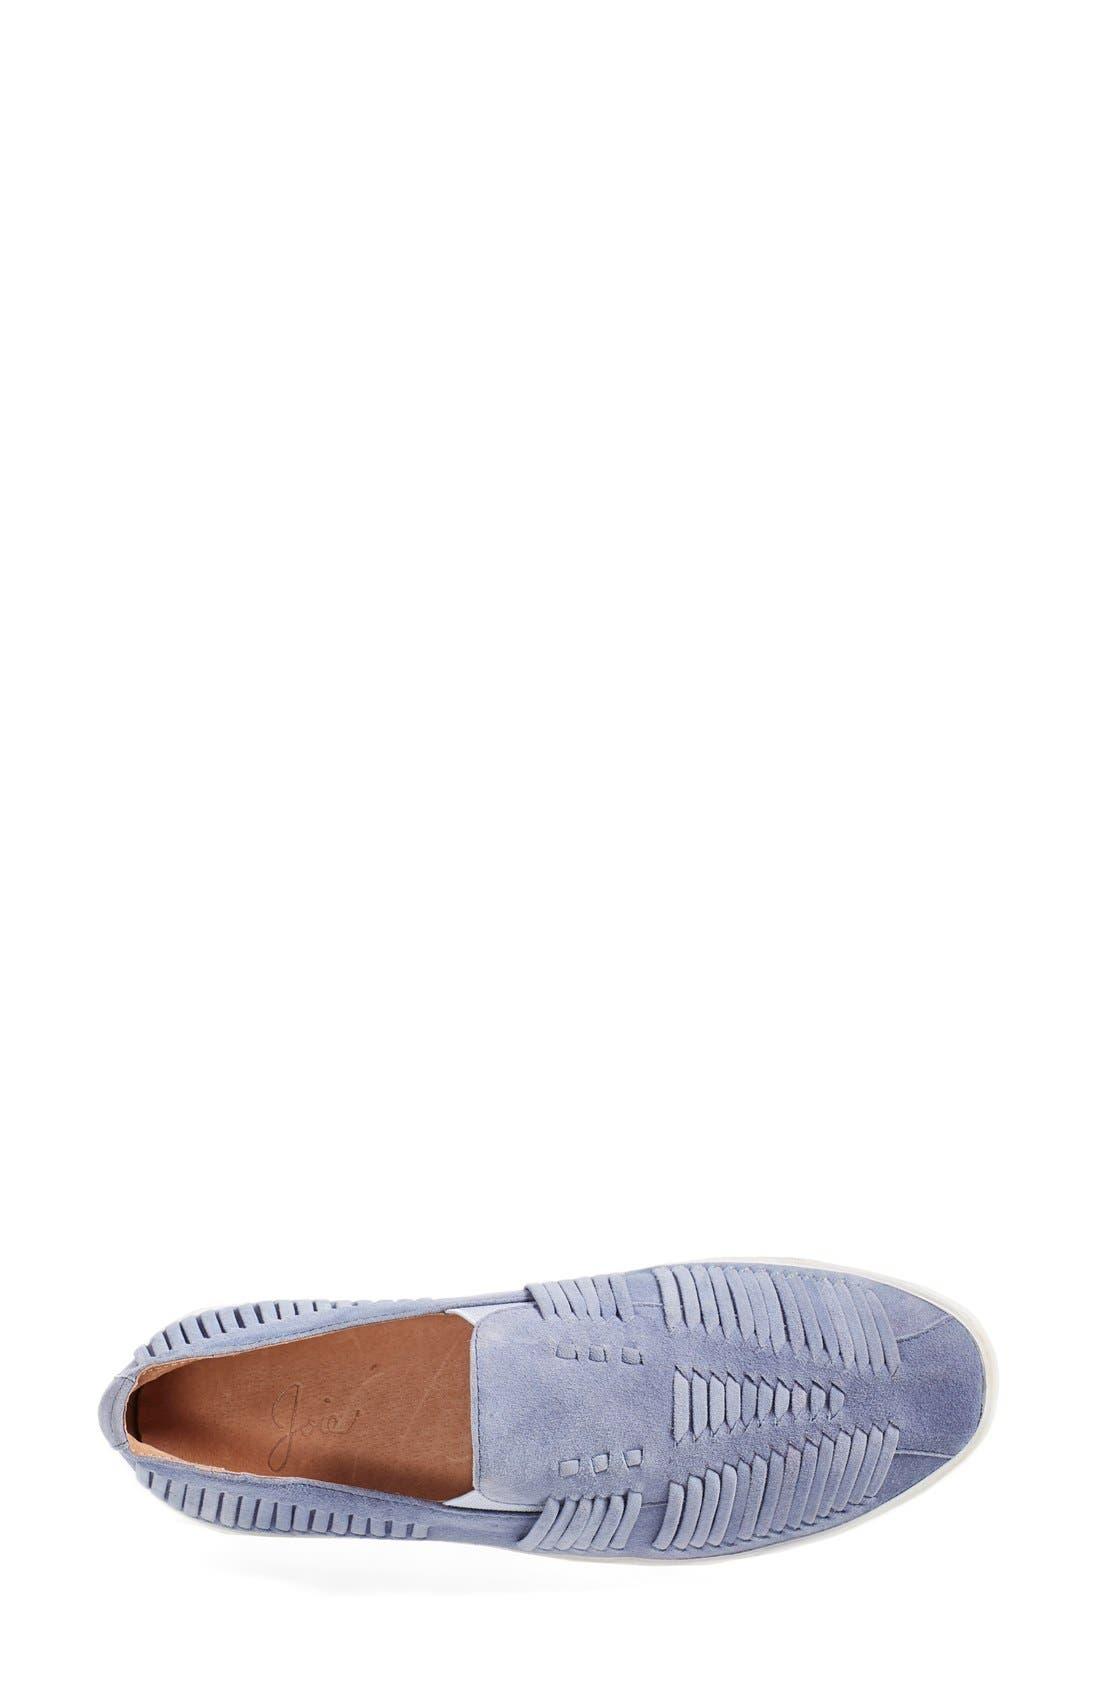 Alternate Image 3  - Joie 'Huxley' Slip-On Sneaker (Women)